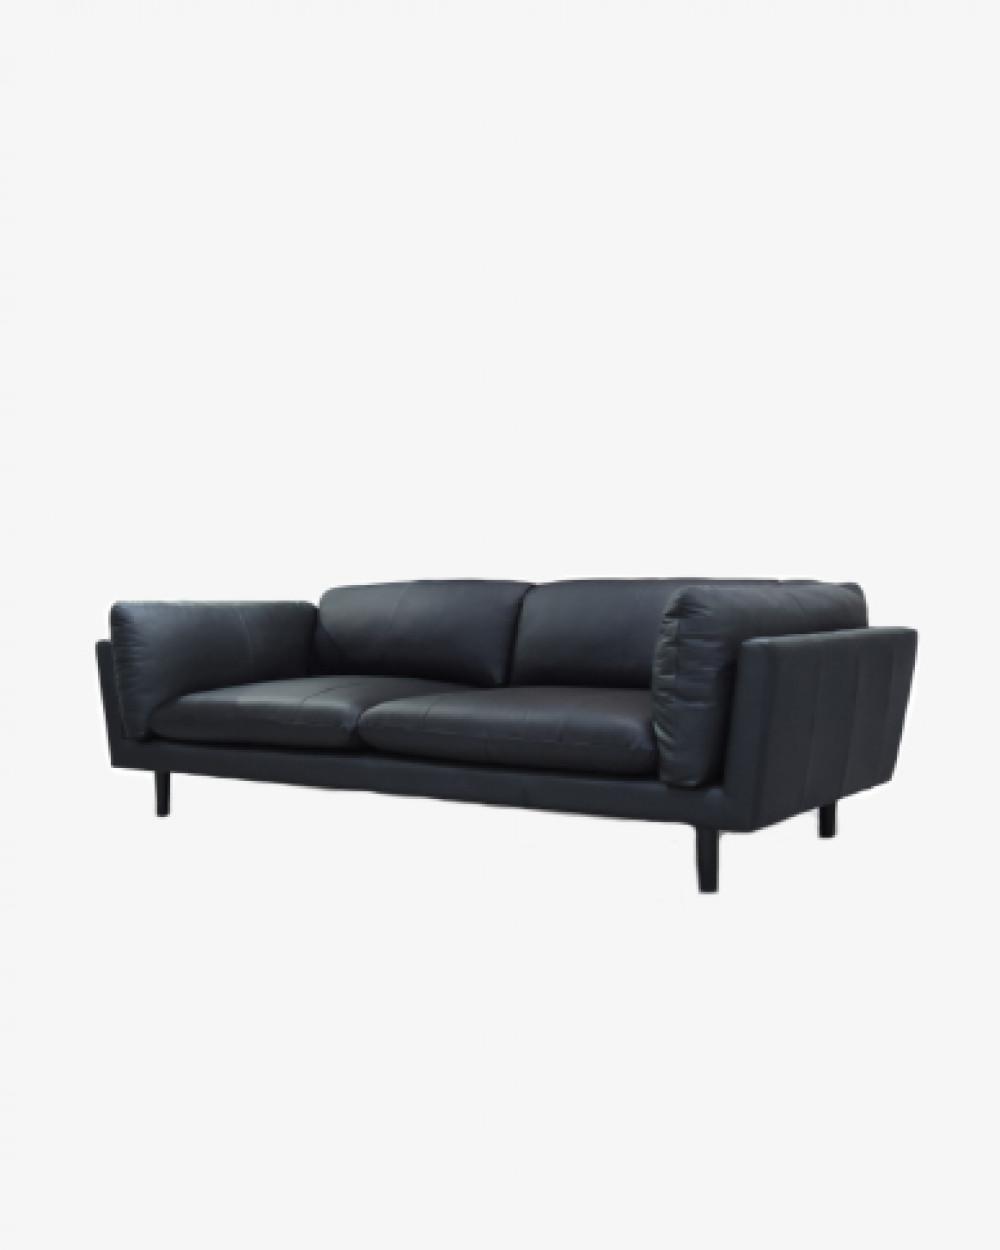 3 Seater | Martino Italian Leather Sofa